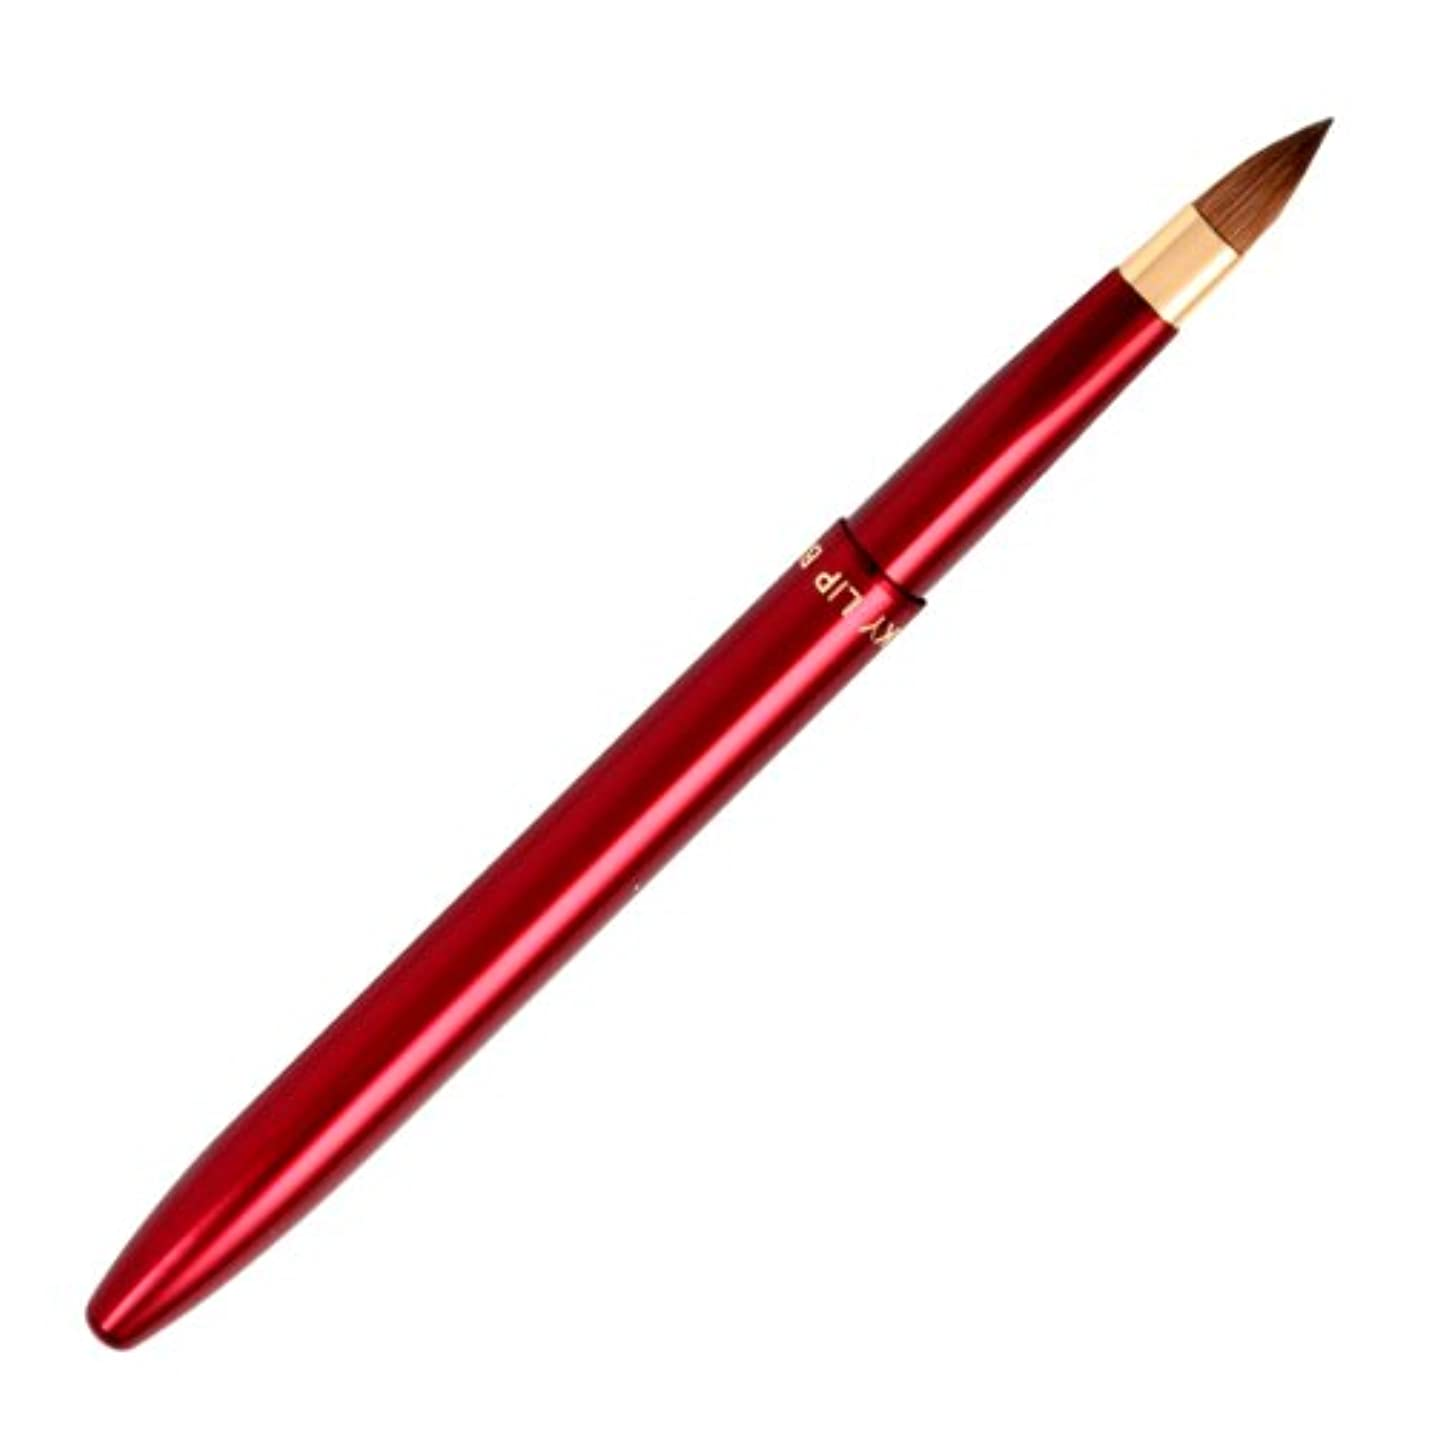 暴行口述する押し下げる広島熊野筆 オートリップブラシ 毛質 コリンスキー